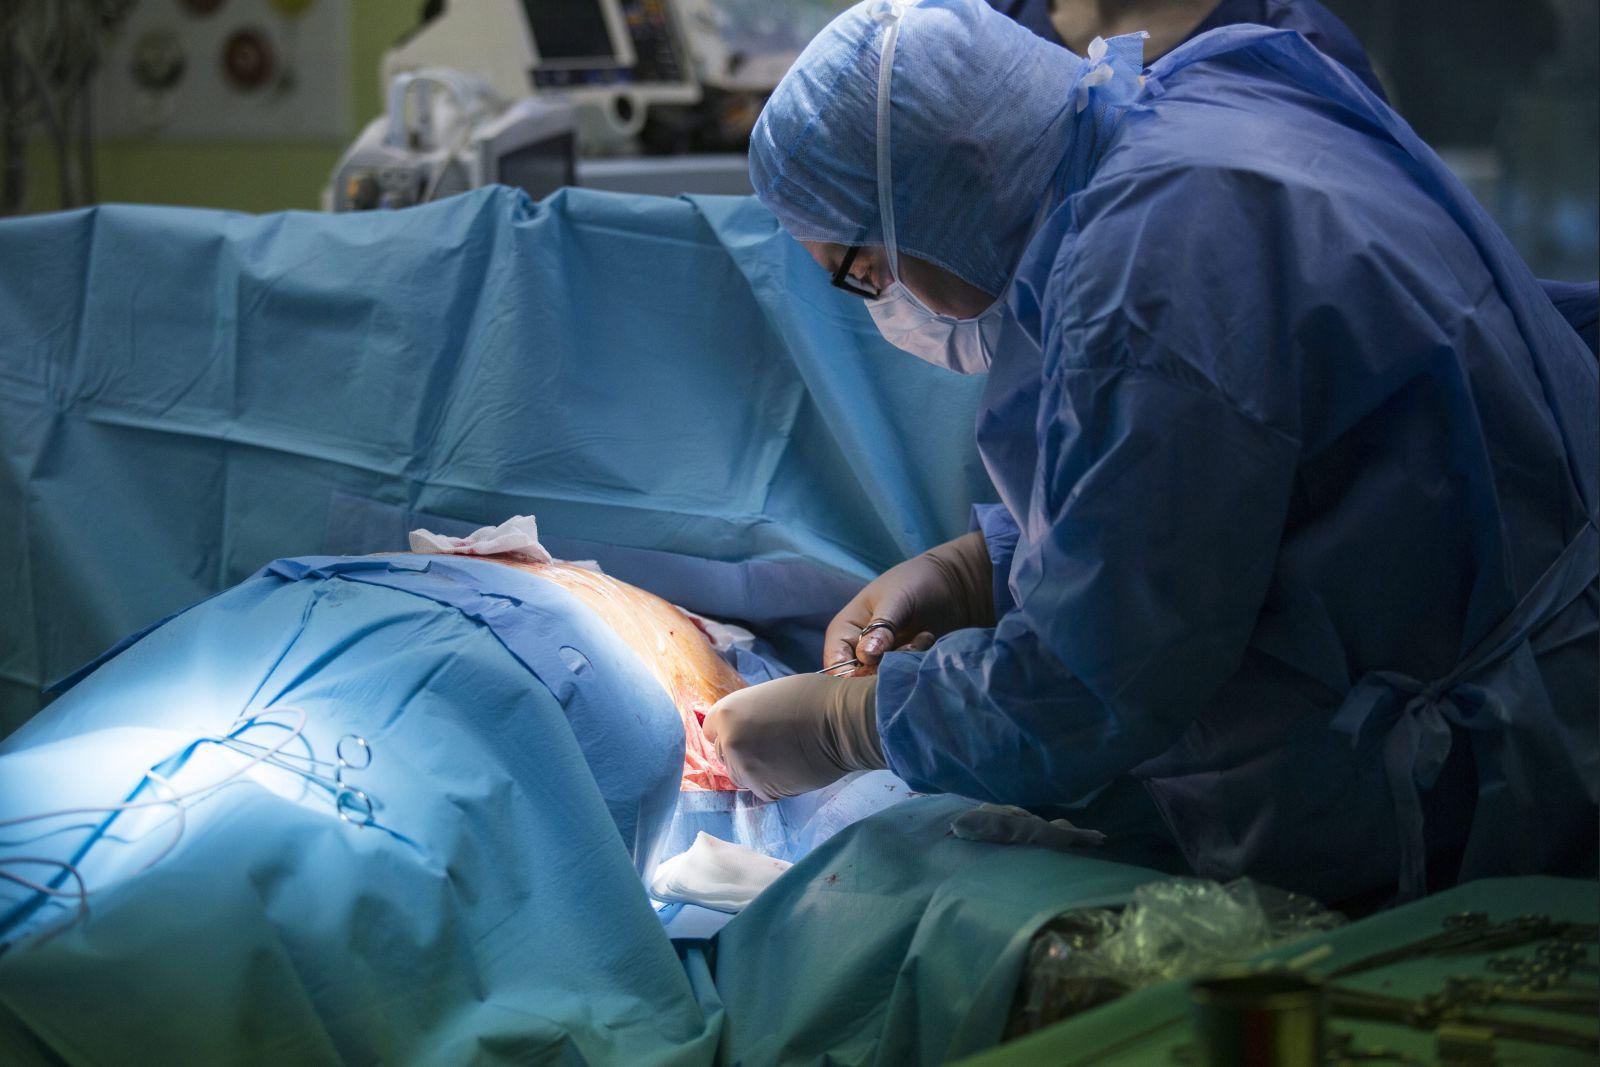 24.05.2017 Krakow . Szpital Jana Pawla II , operacja wszycia kardiowertera - defibrylatora podskornego .  Fot. Michal Lepecki / Agencja Gazeta